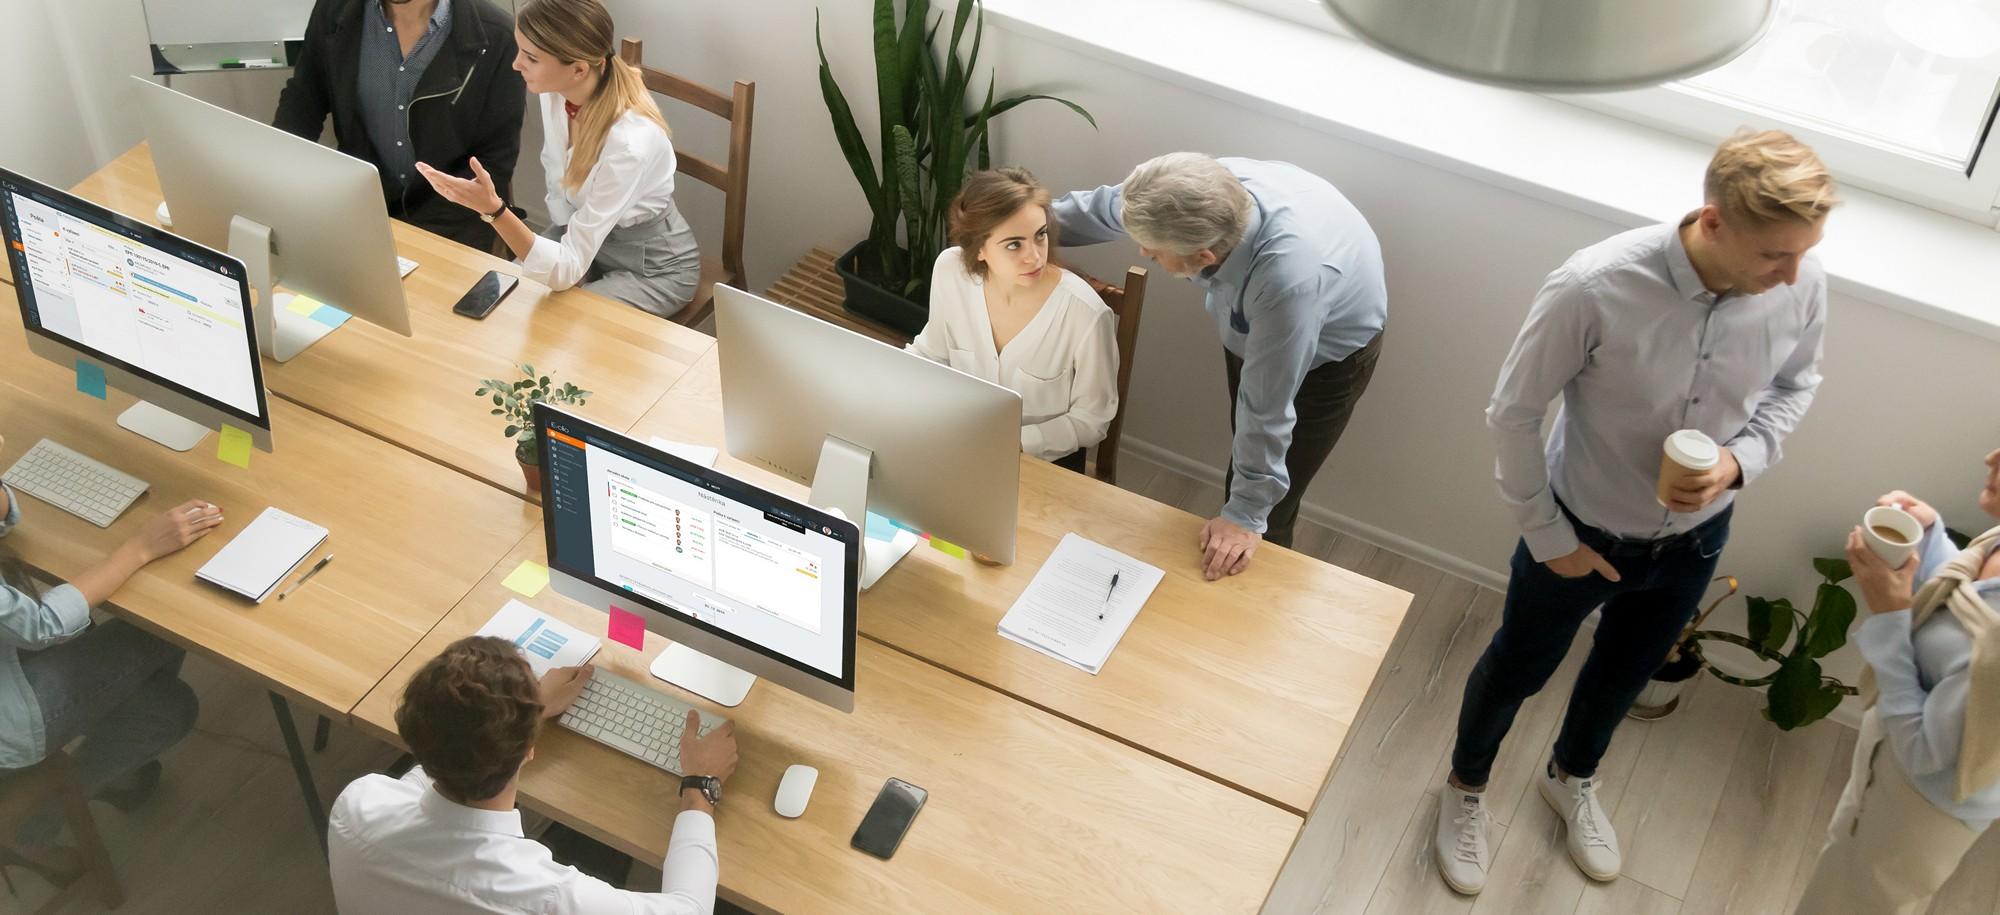 Informační systém pro advokátní kanceláře